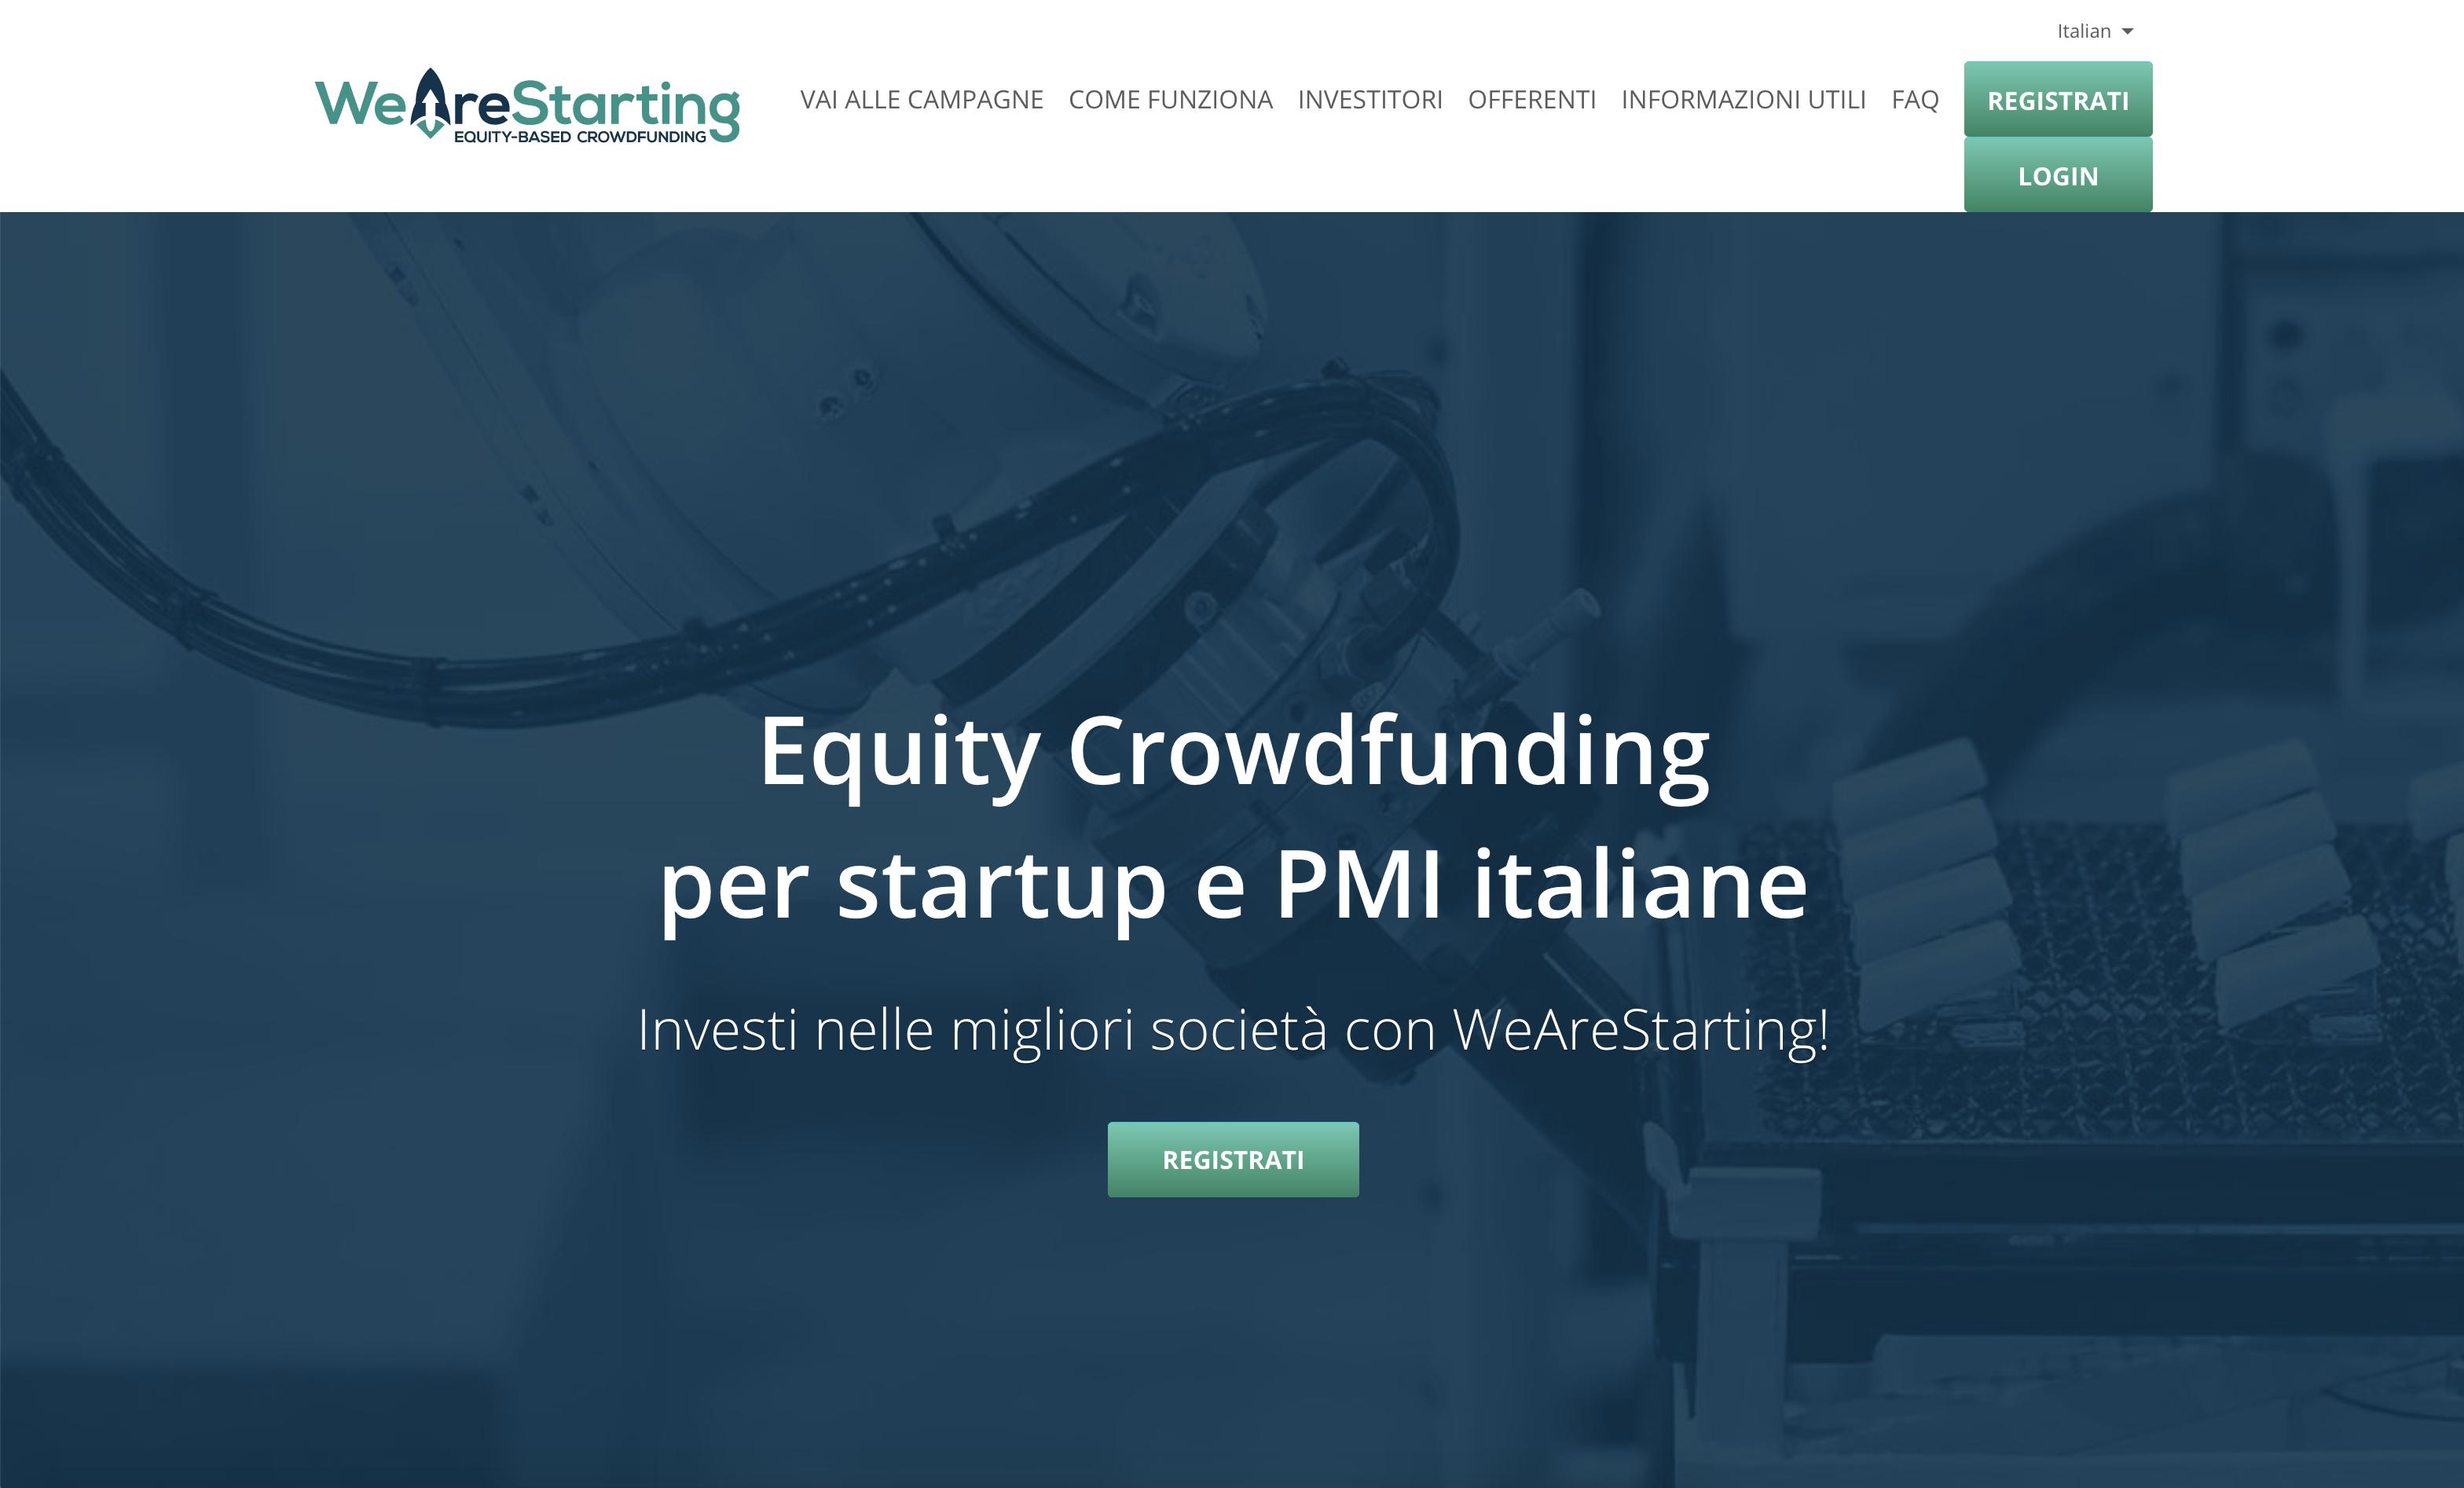 Wearestarting crowdfunding: diventa socio di startup e pmi in pochi minuti. Recensione.